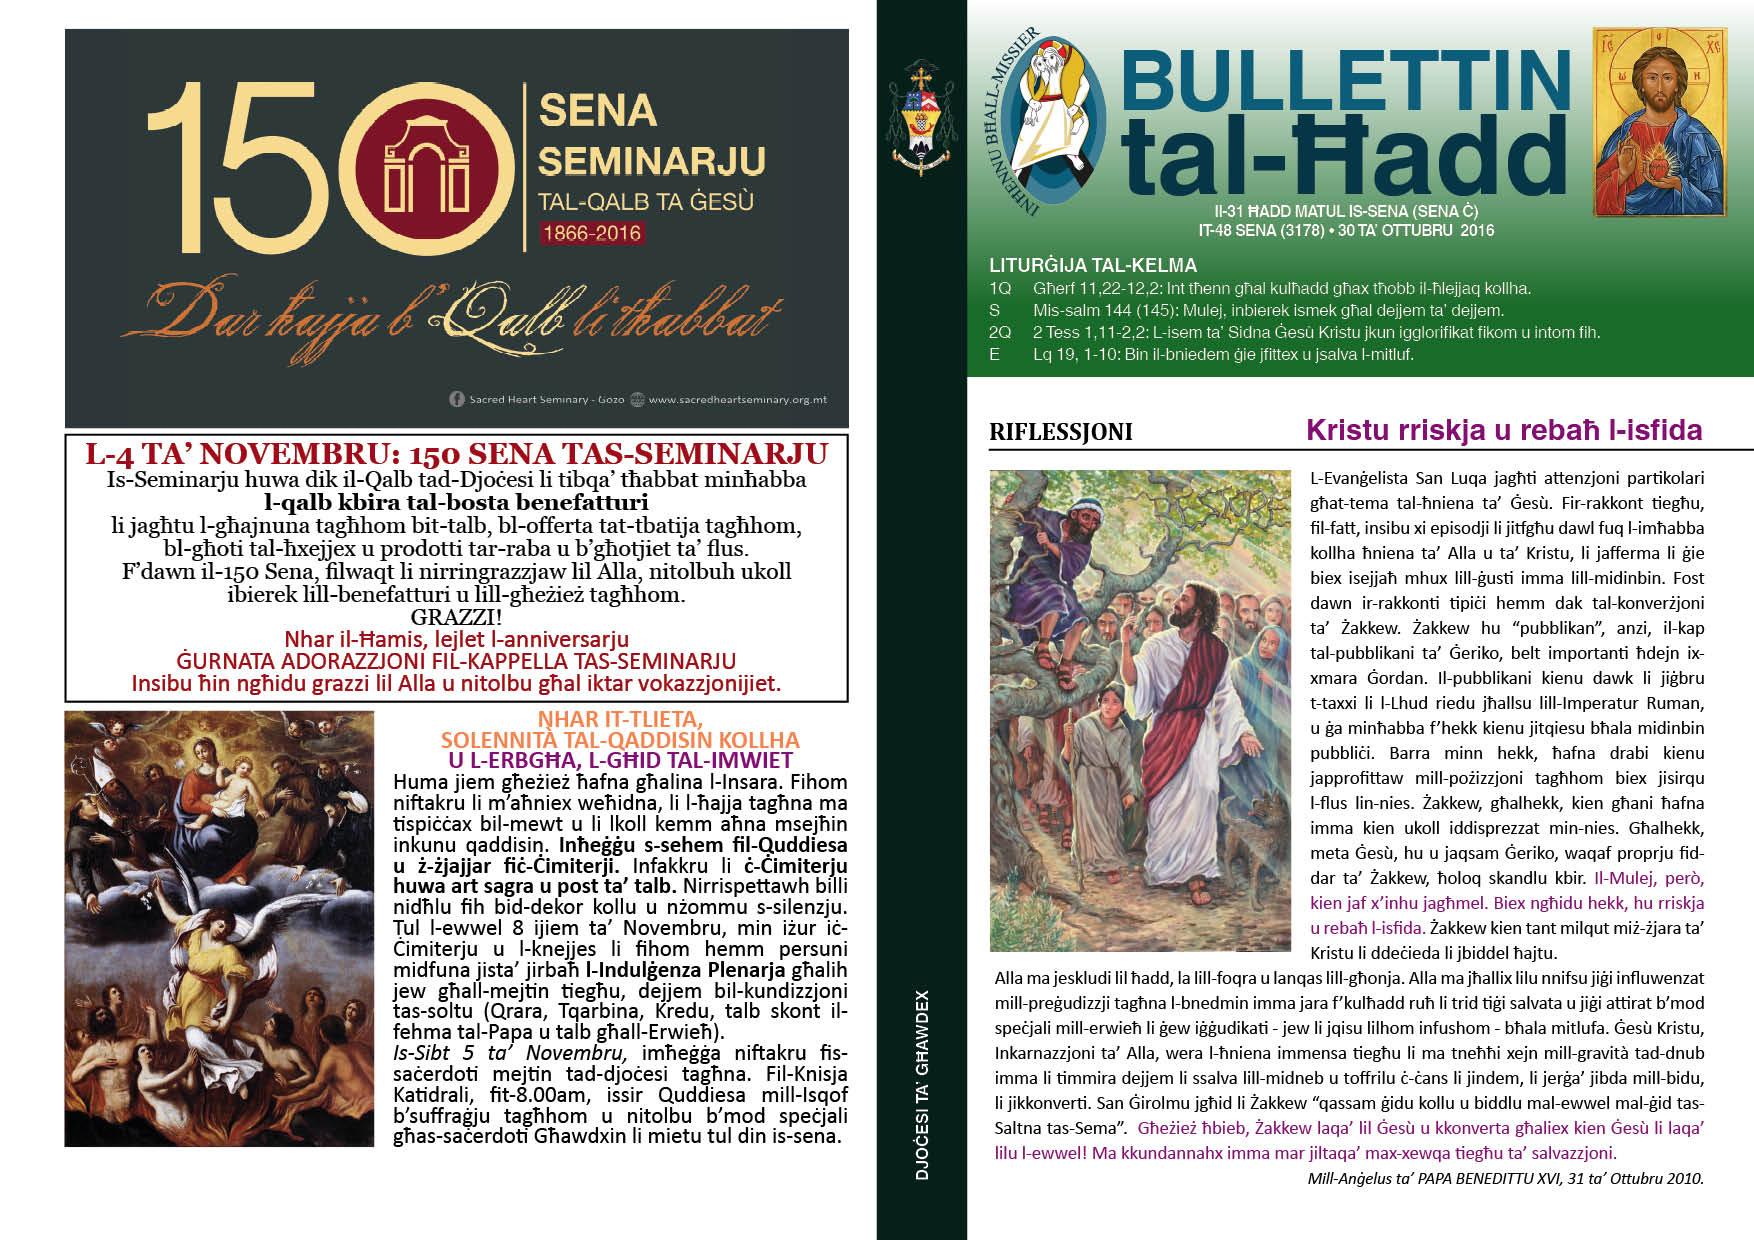 bullettin-2016-ottubru-30.jpg